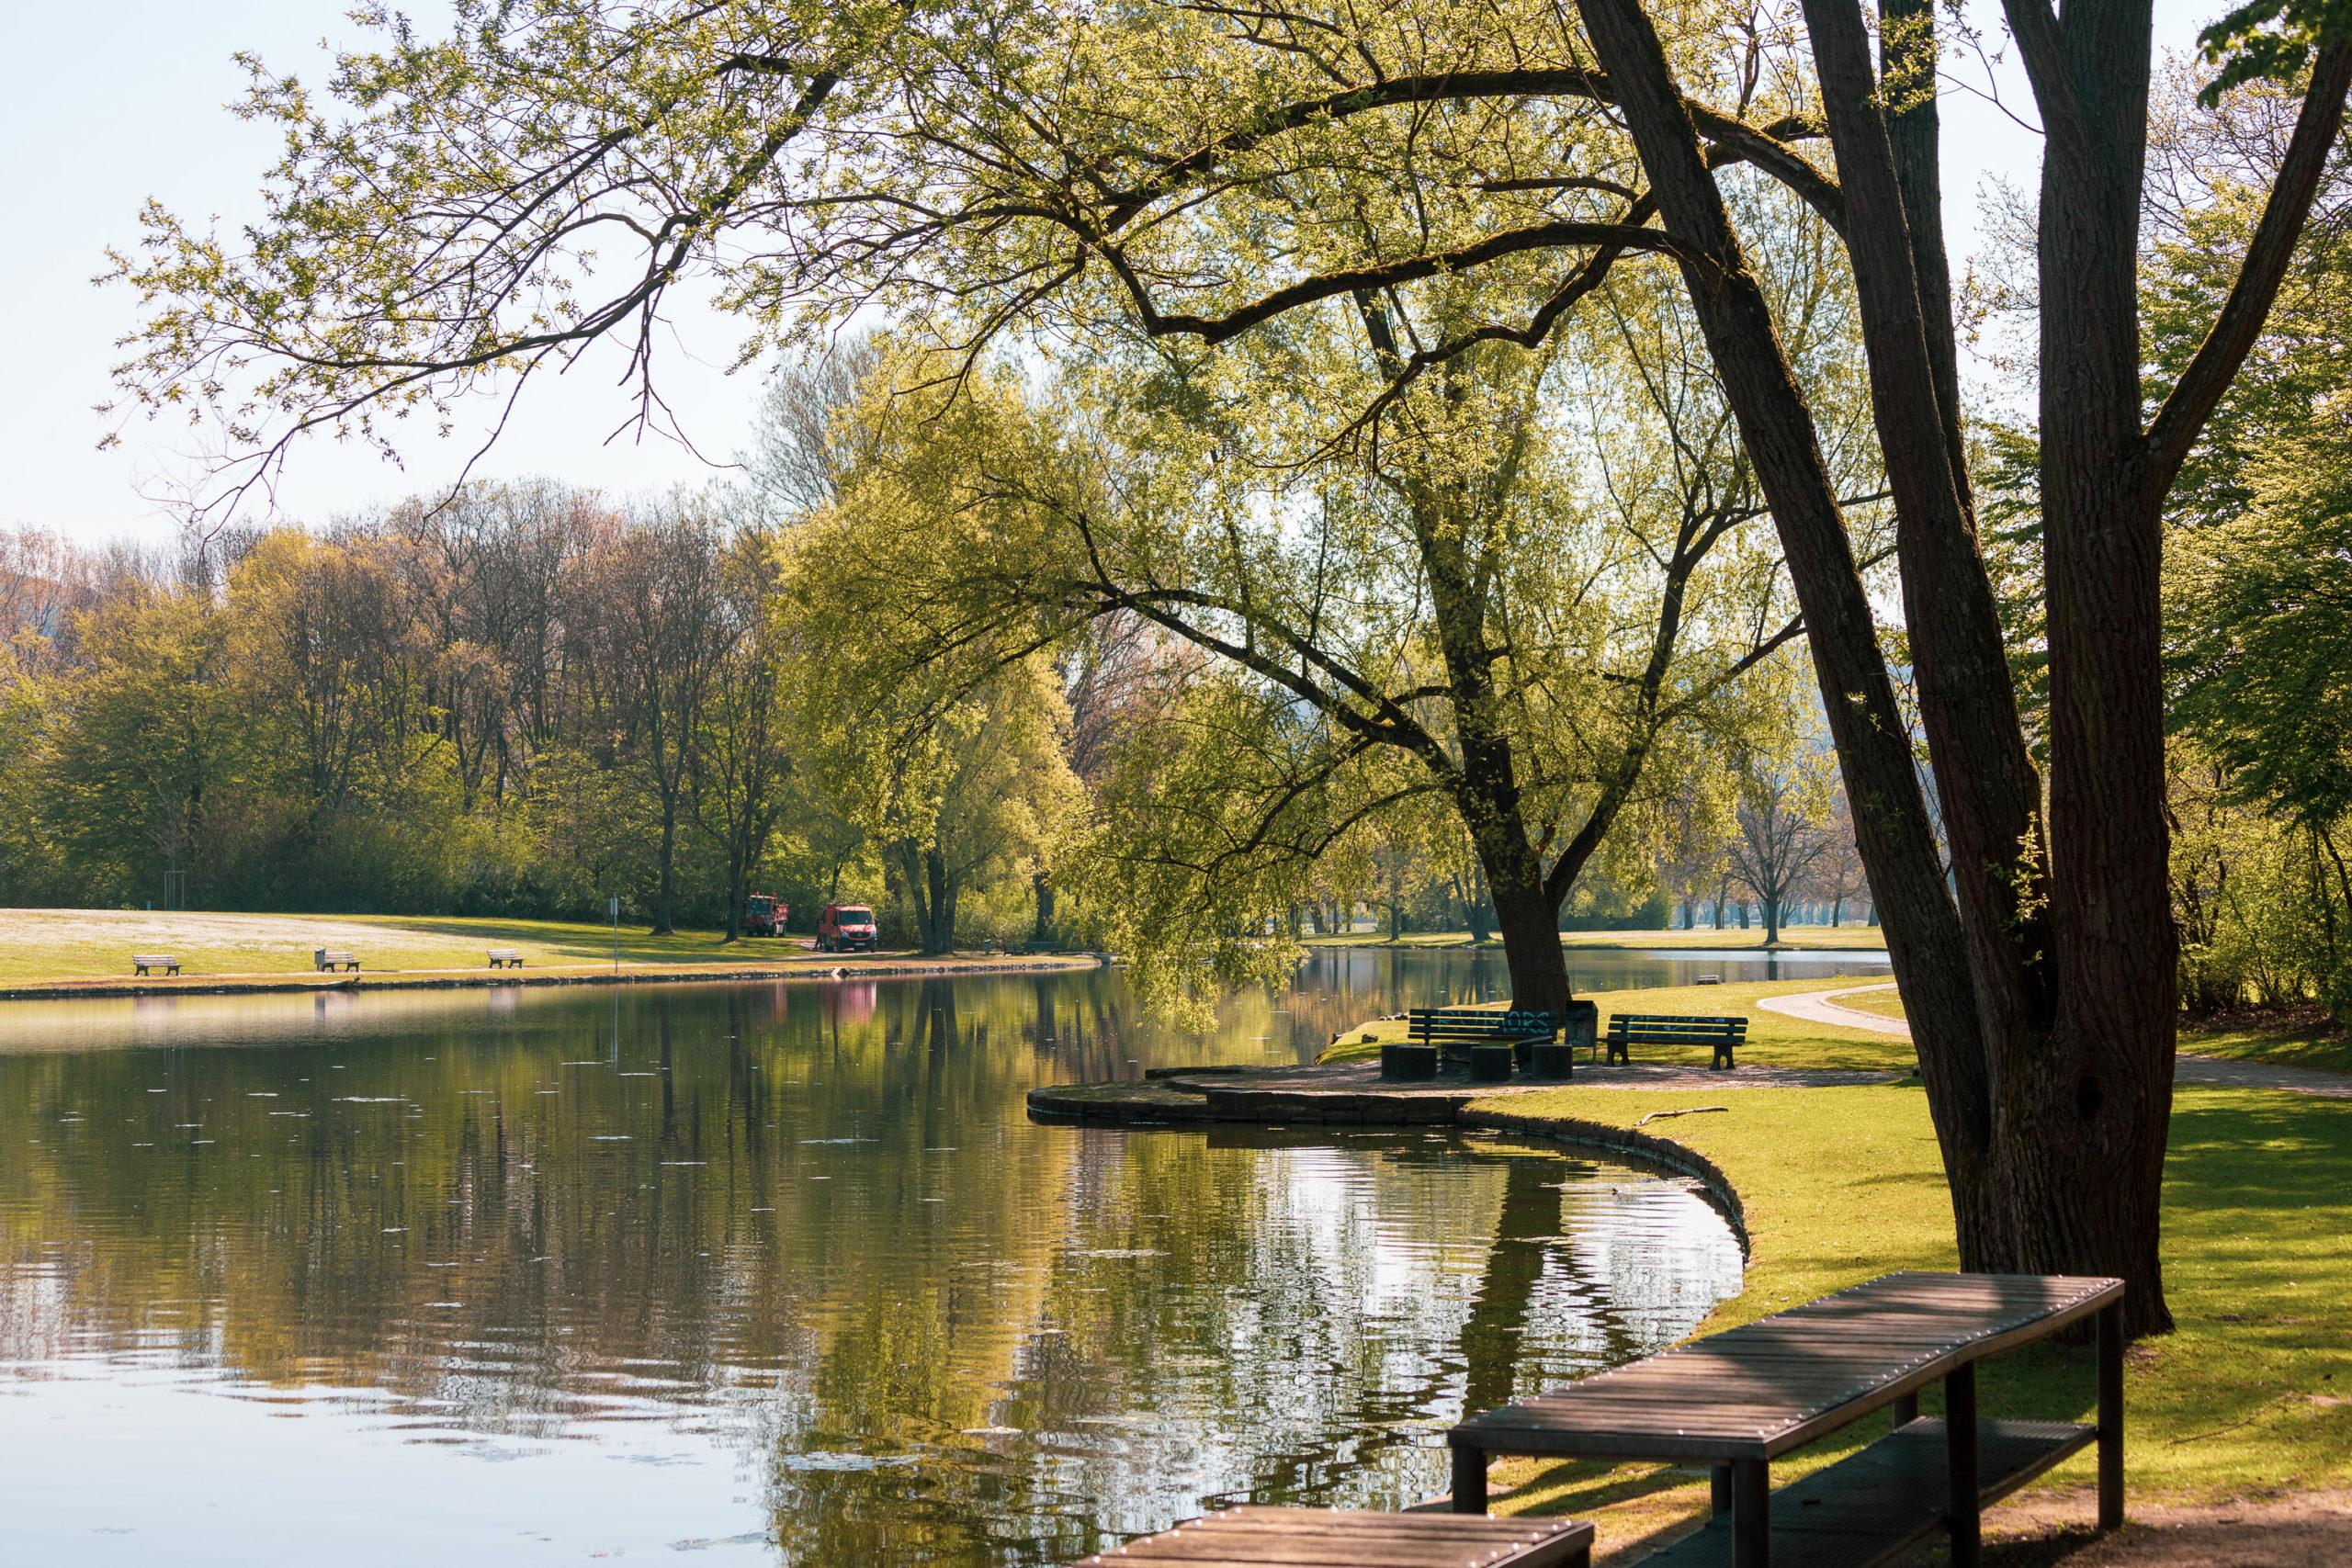 Ein kleiner See, umringt von Rasen und Bäumen, die sich im See spiegeln.